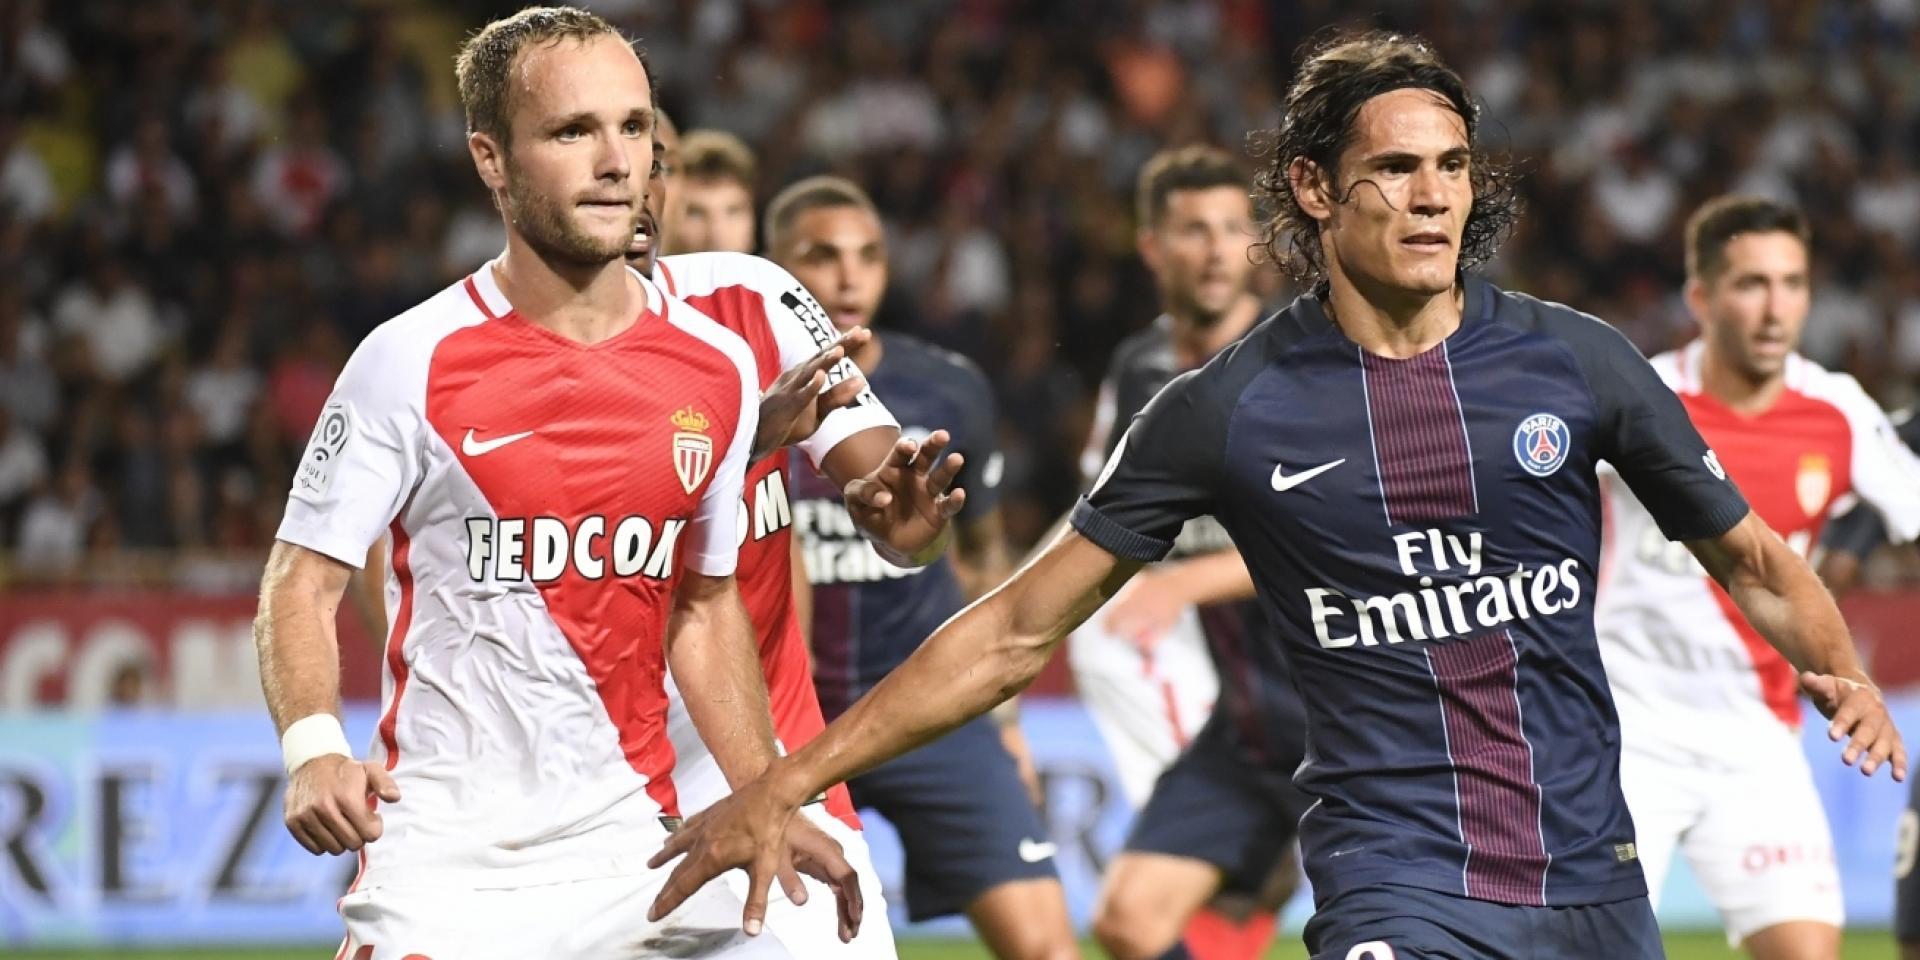 Voir la finale de la Coupe de la Ligue de football en direct sur France 2 : Vidéo streaming match PSG AS Monaco, résultat et replay buts